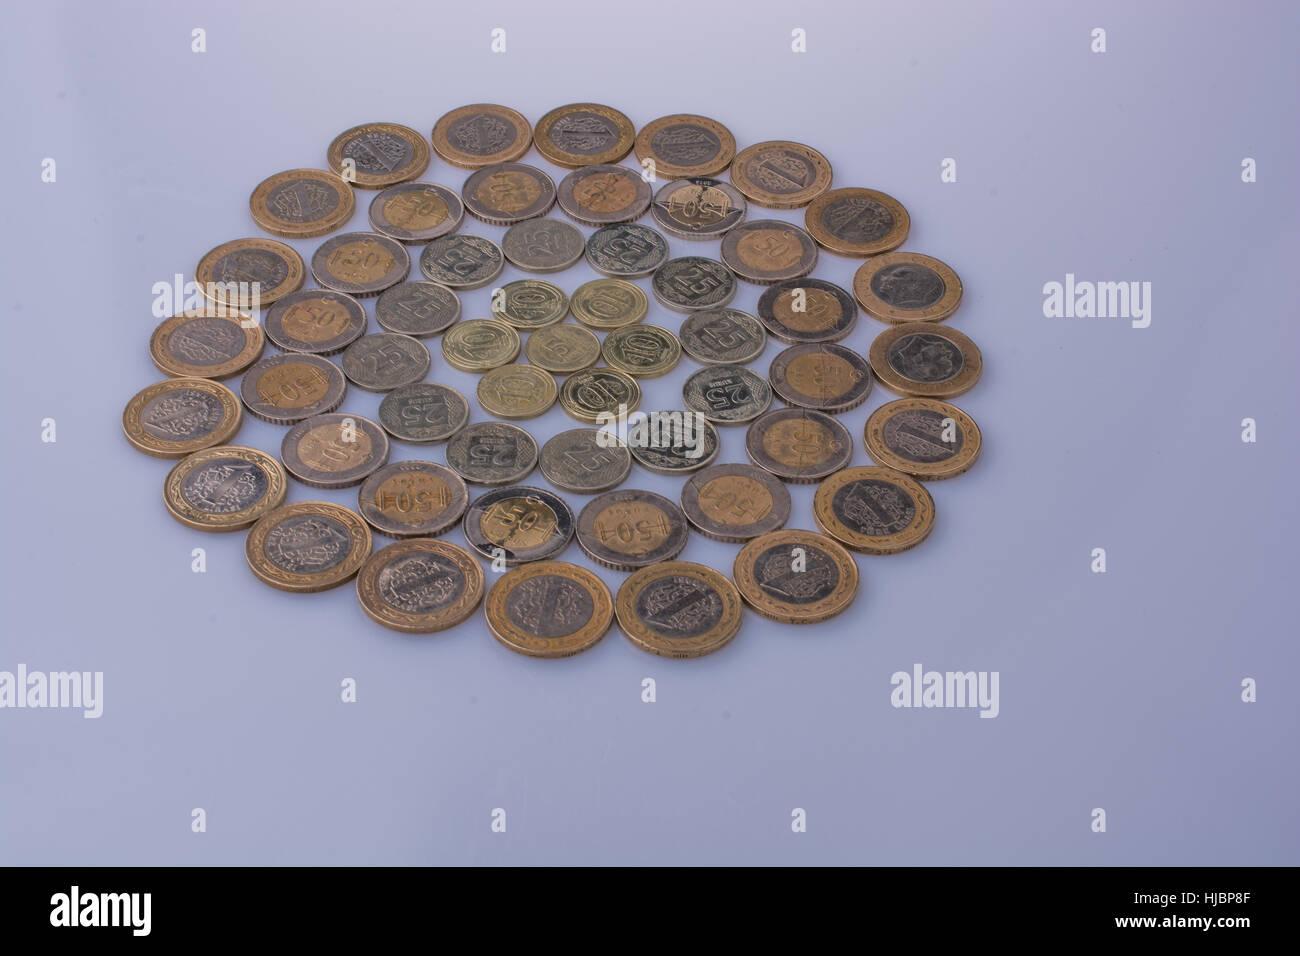 Lire turque coins ensemble forme un cercle rond forme sur fond blanc Photo Stock